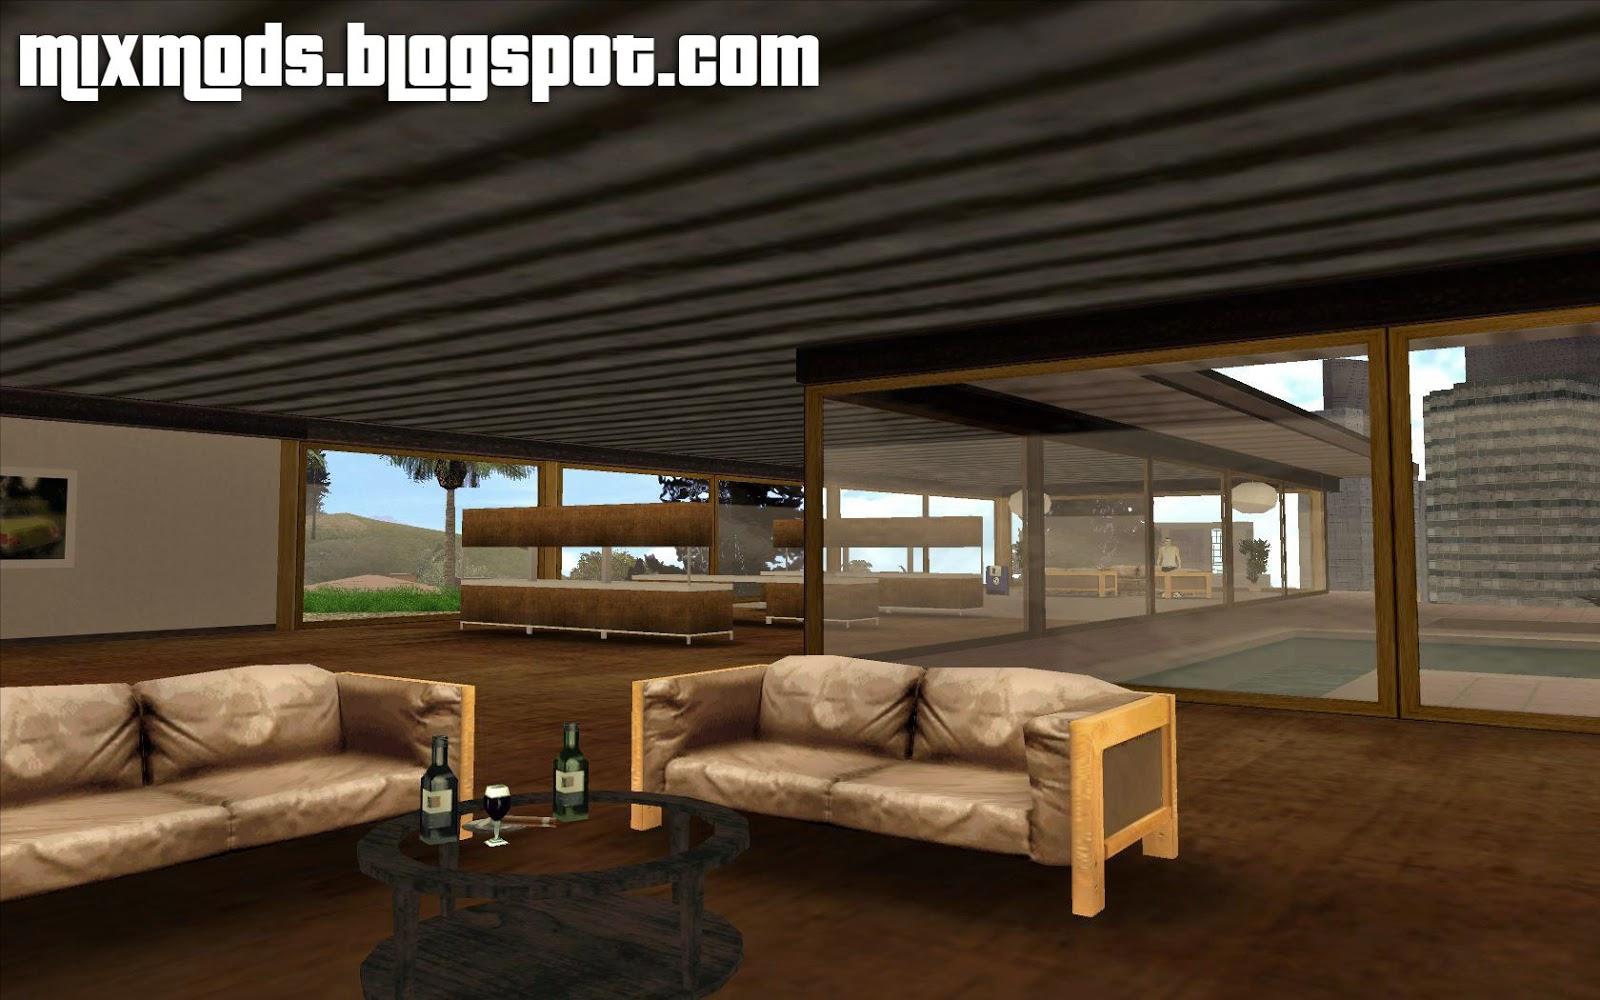 Mixmods beta mulholland safehouse casa das colinas for Casa moderna gta sa